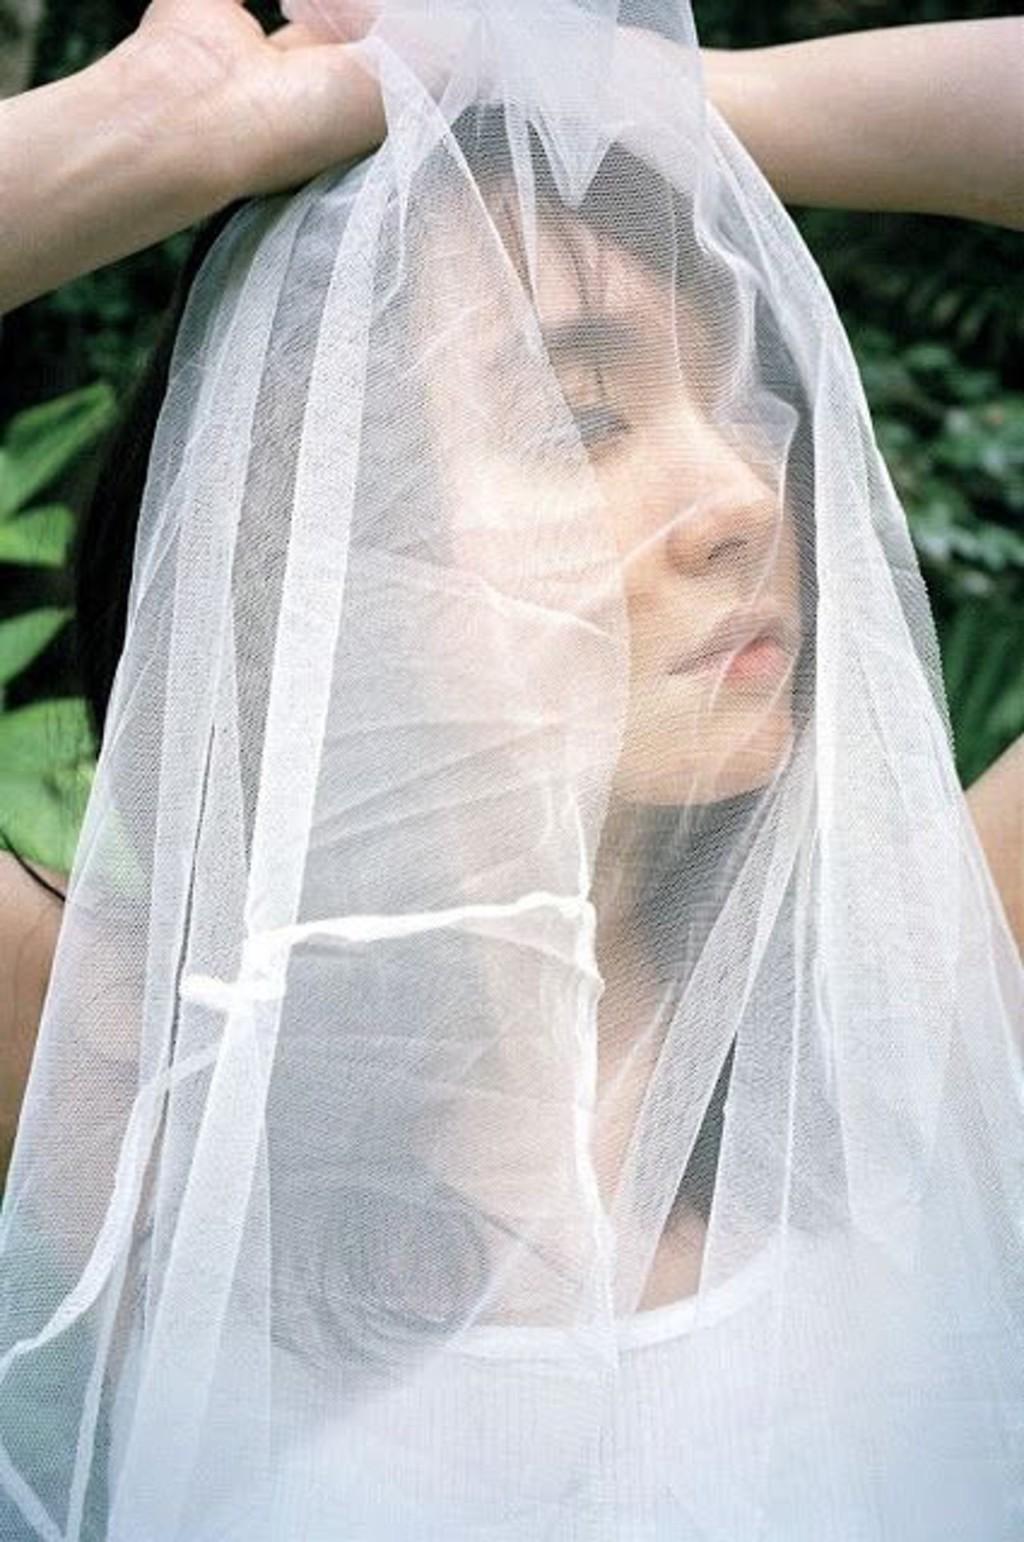 「國民老婆」新垣結衣睽違7年推出寫真集 比市價「貴3倍」還沒上市就缺貨!